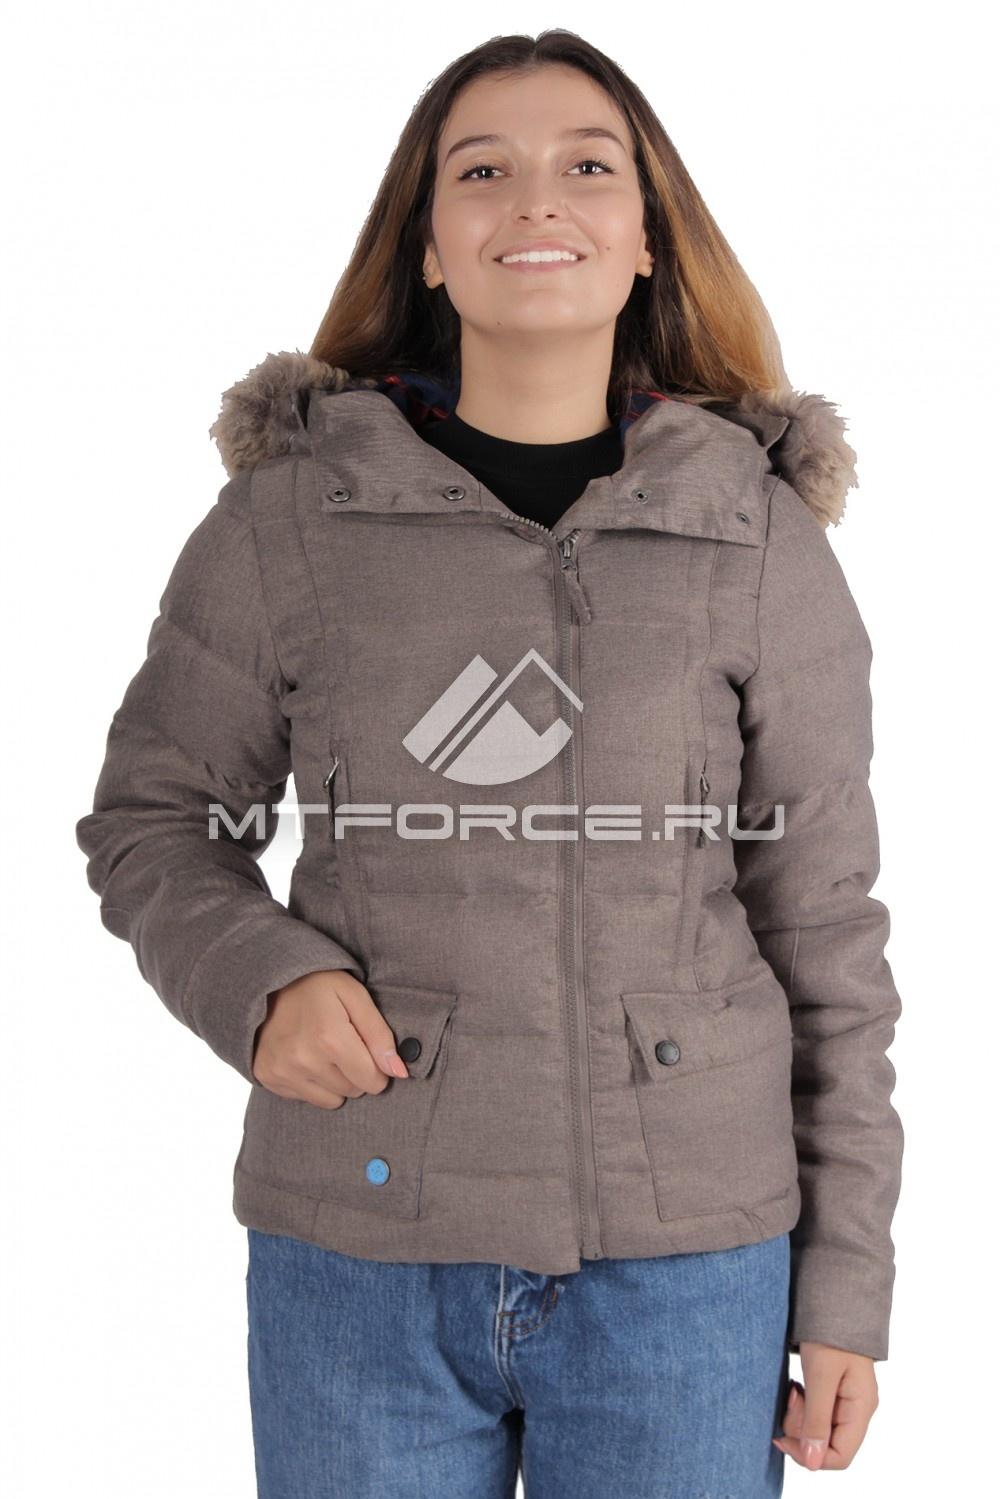 Купить                                  оптом Куртка зимняя женская серого цвета F04Sr